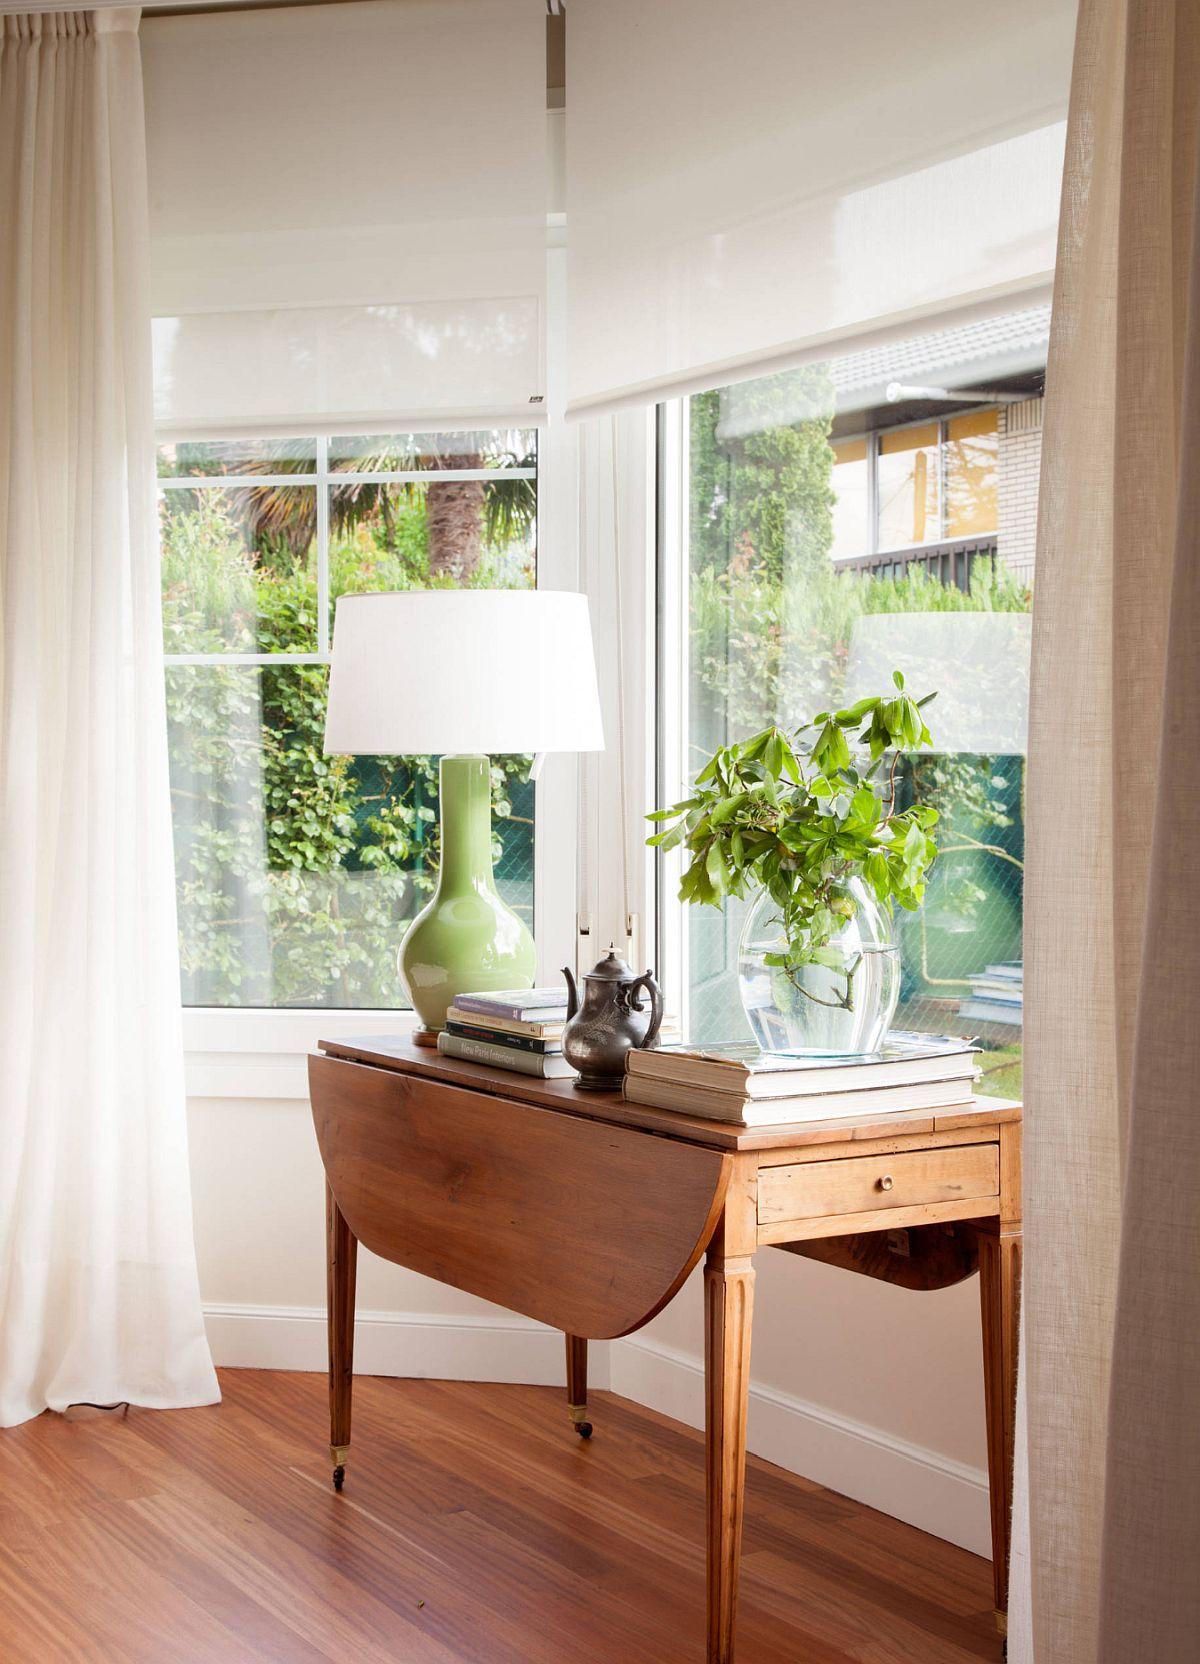 Când vrei ca un spațiu mic să se simtă mai aerisit, zona ferestrelor merită tratată cât mai lejer, cu suprafața de geam cât mai liberă. Aici , combinația de rolete simple albe cu draperii deschise în lateral rezolvă atât problema intimității, umbririi, cât și pe cea estetică de coordonare cu linia clasică urmărită.